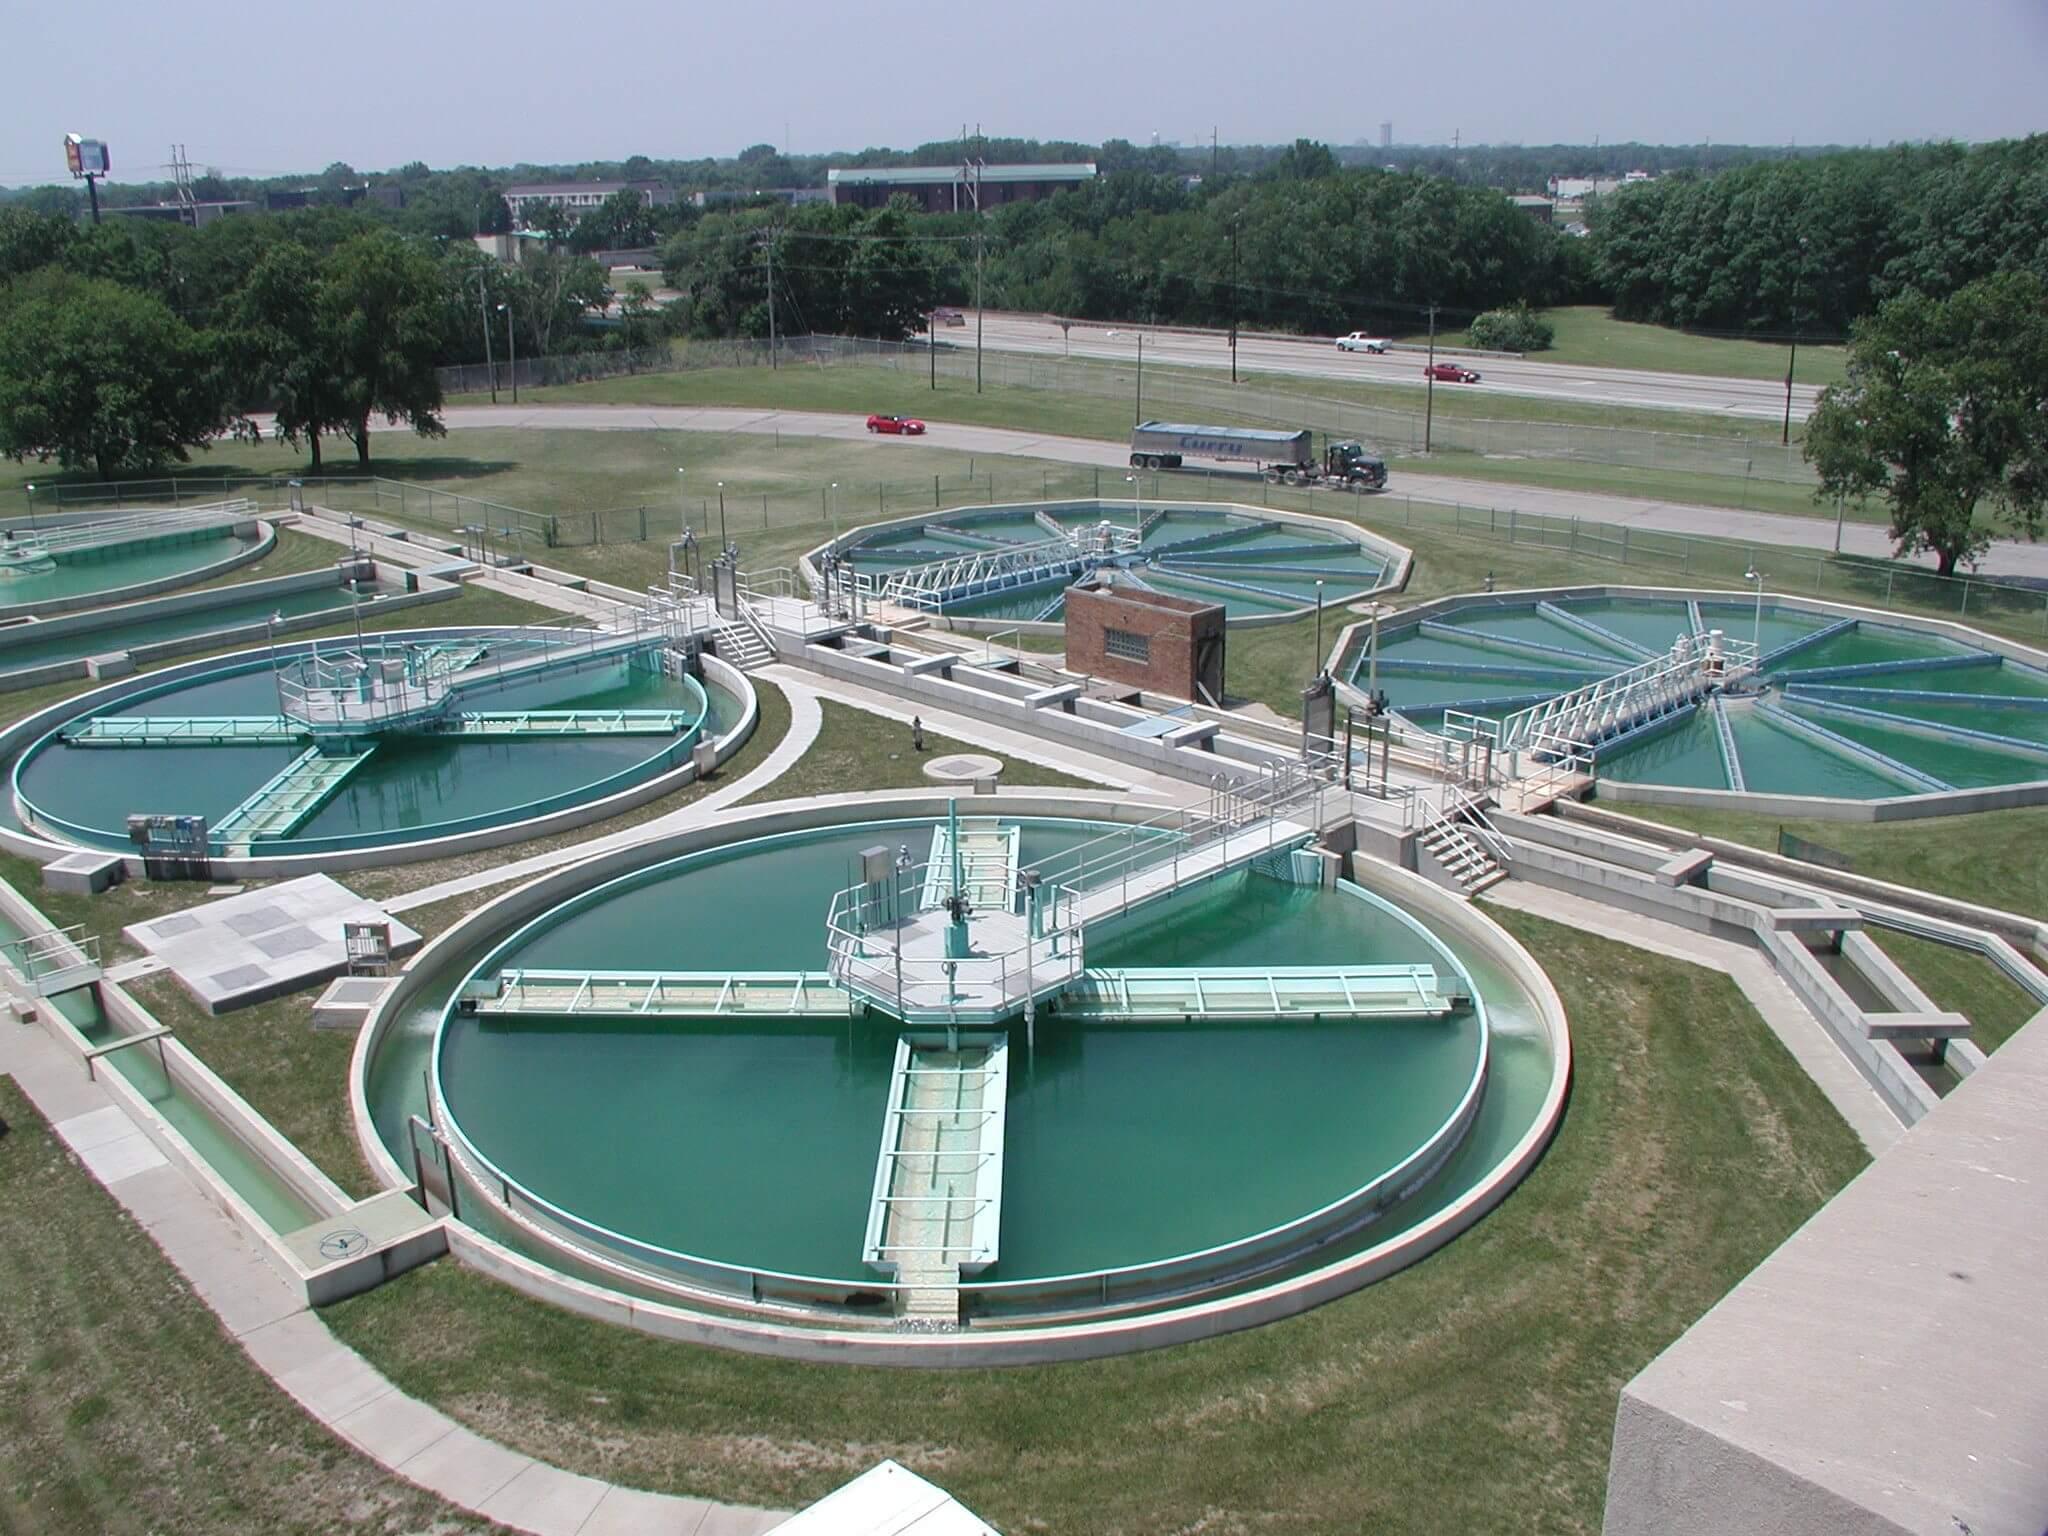 Újabb vízgazdálkodási beruházással javul az Alföld infrastruktúrája